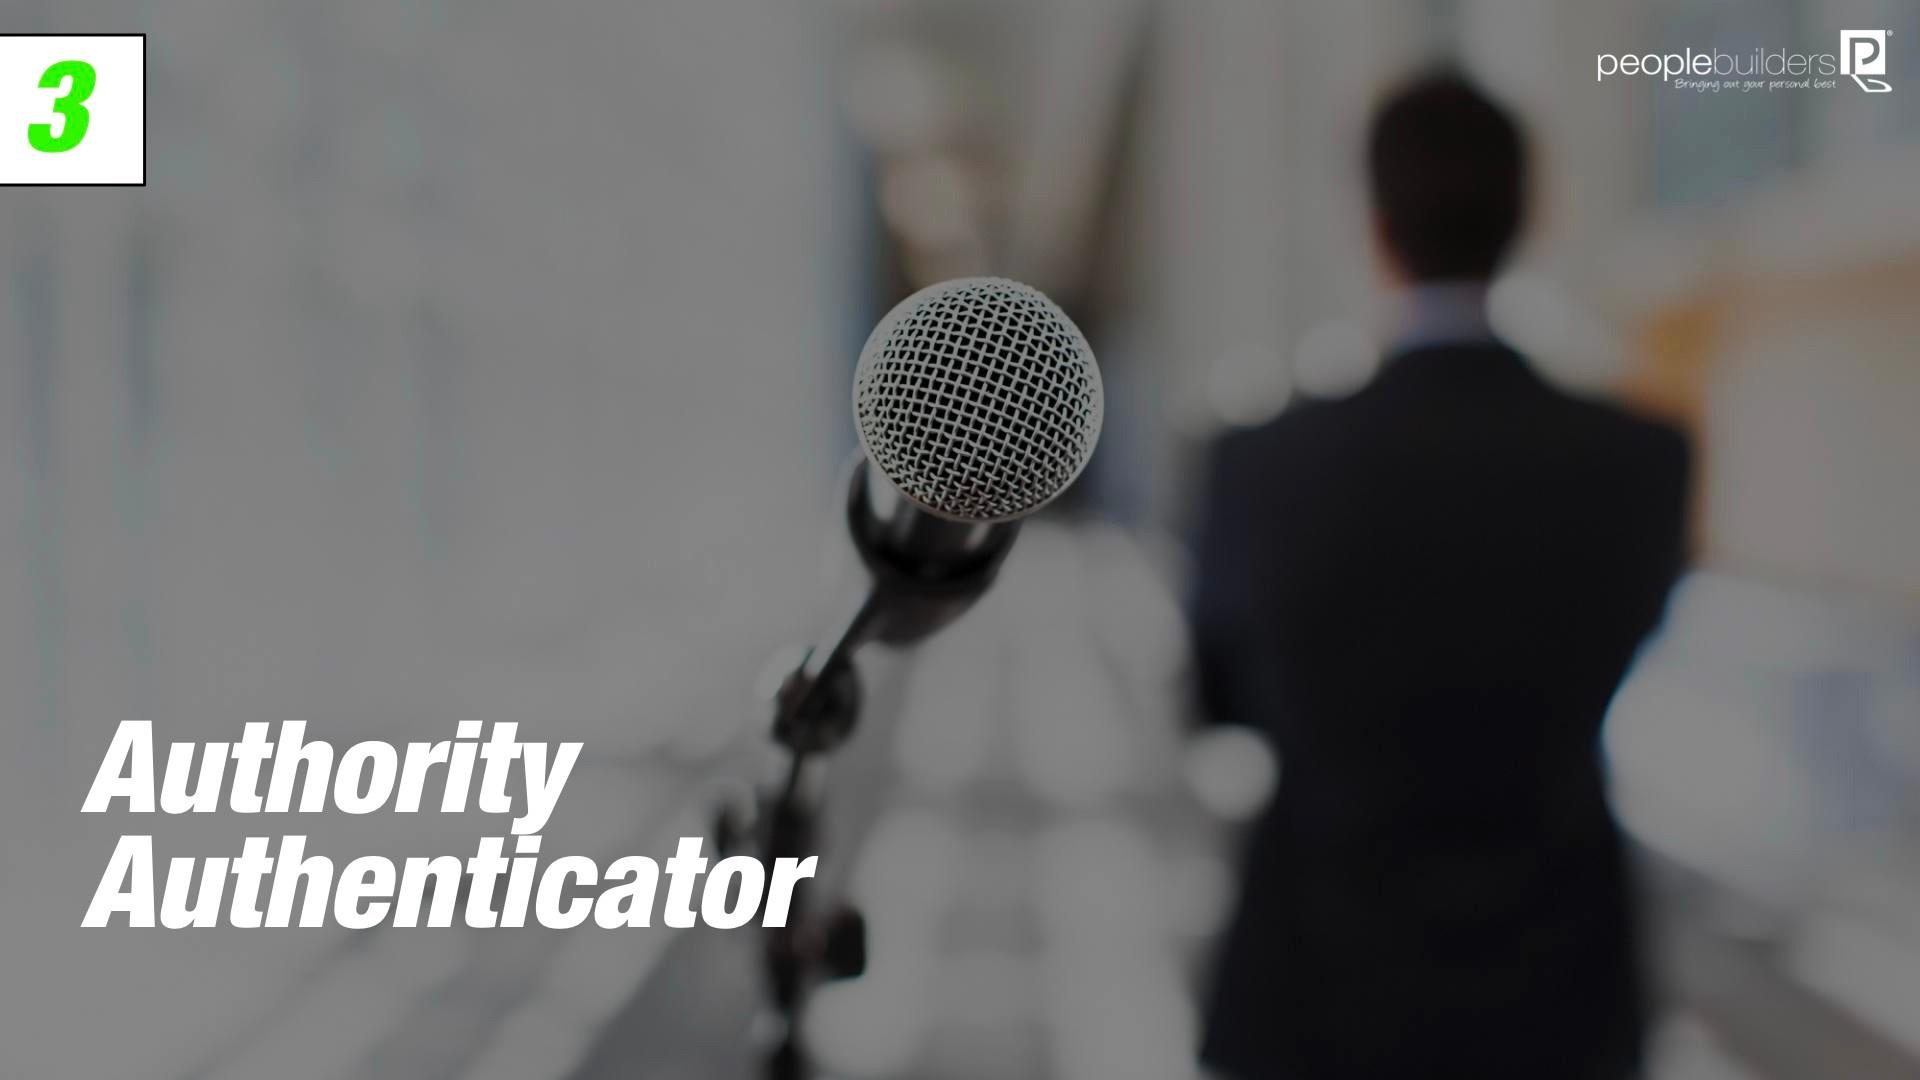 Authority Authenticator